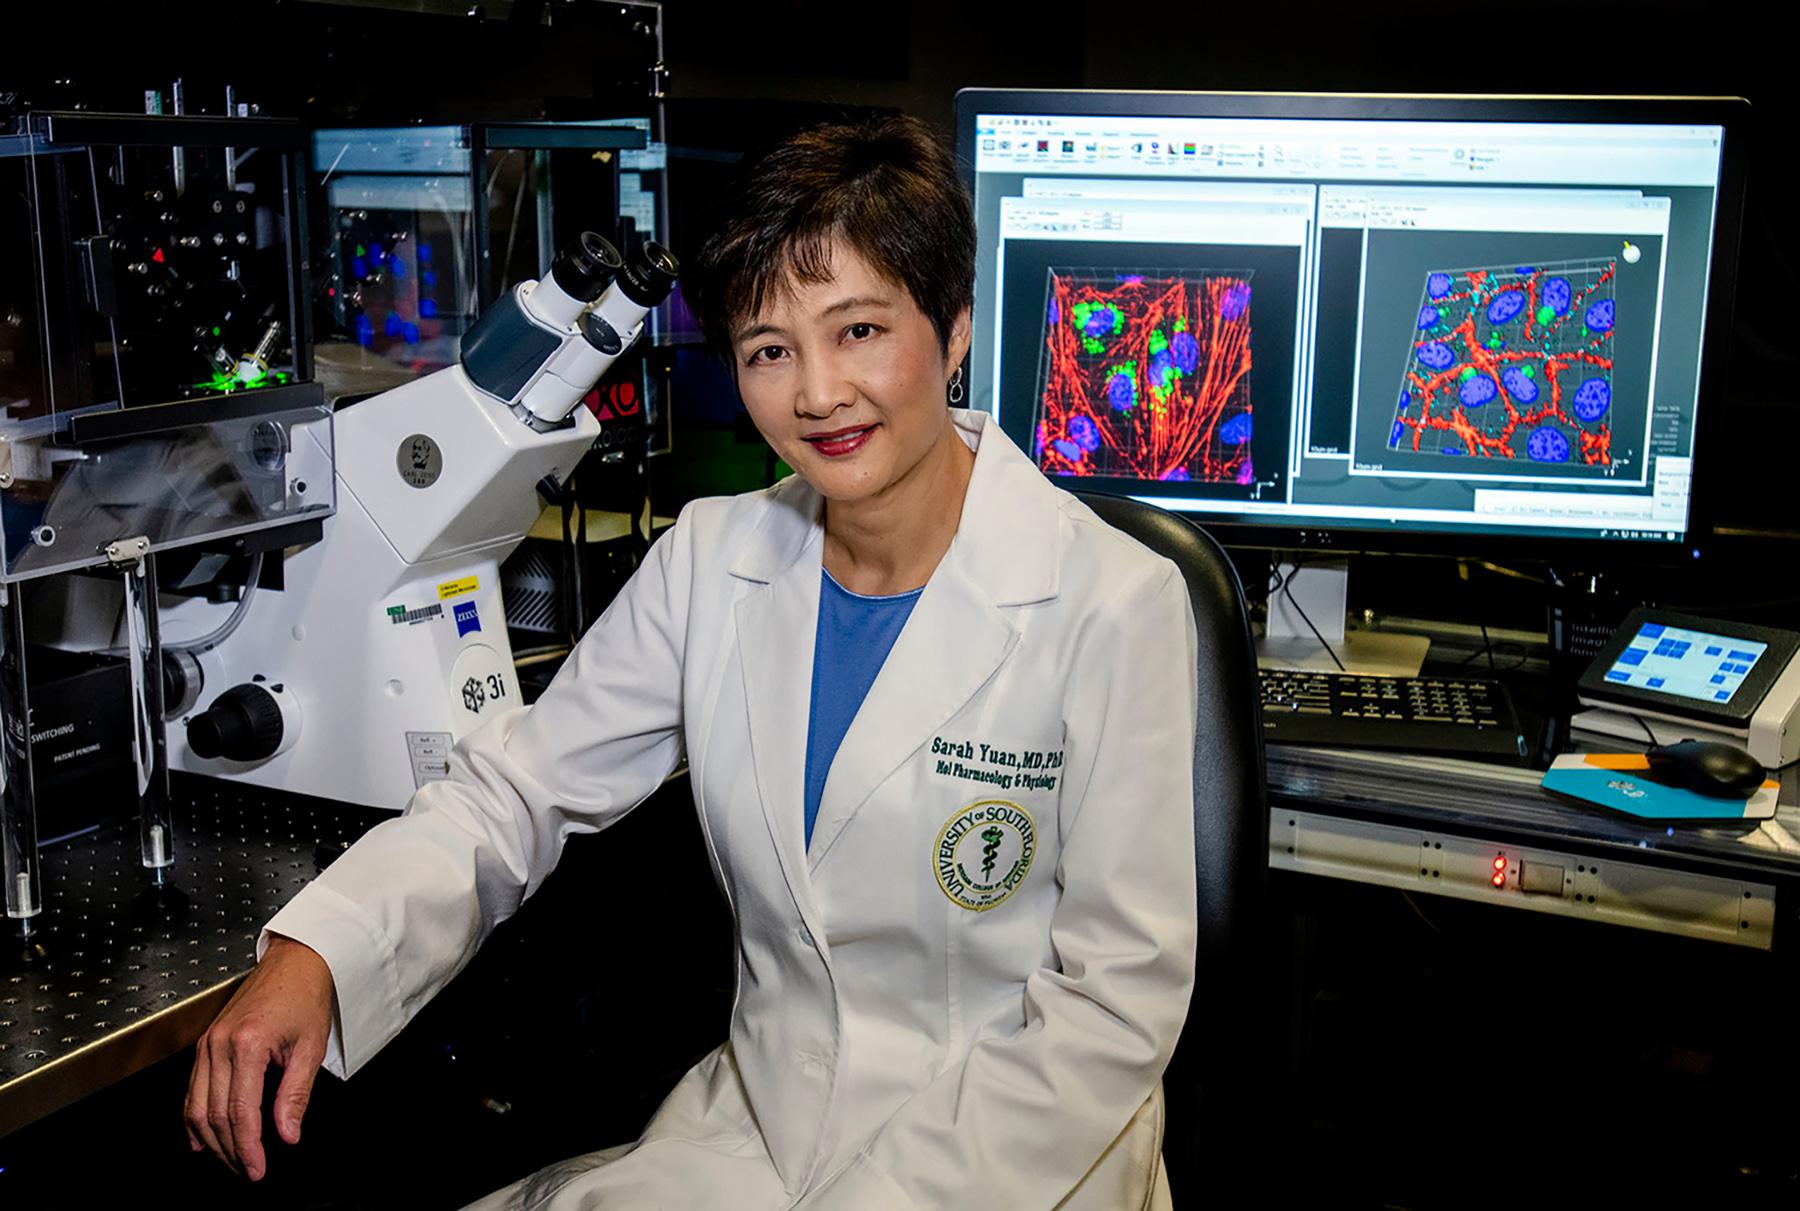 Sarah Yuan, MD, PhD